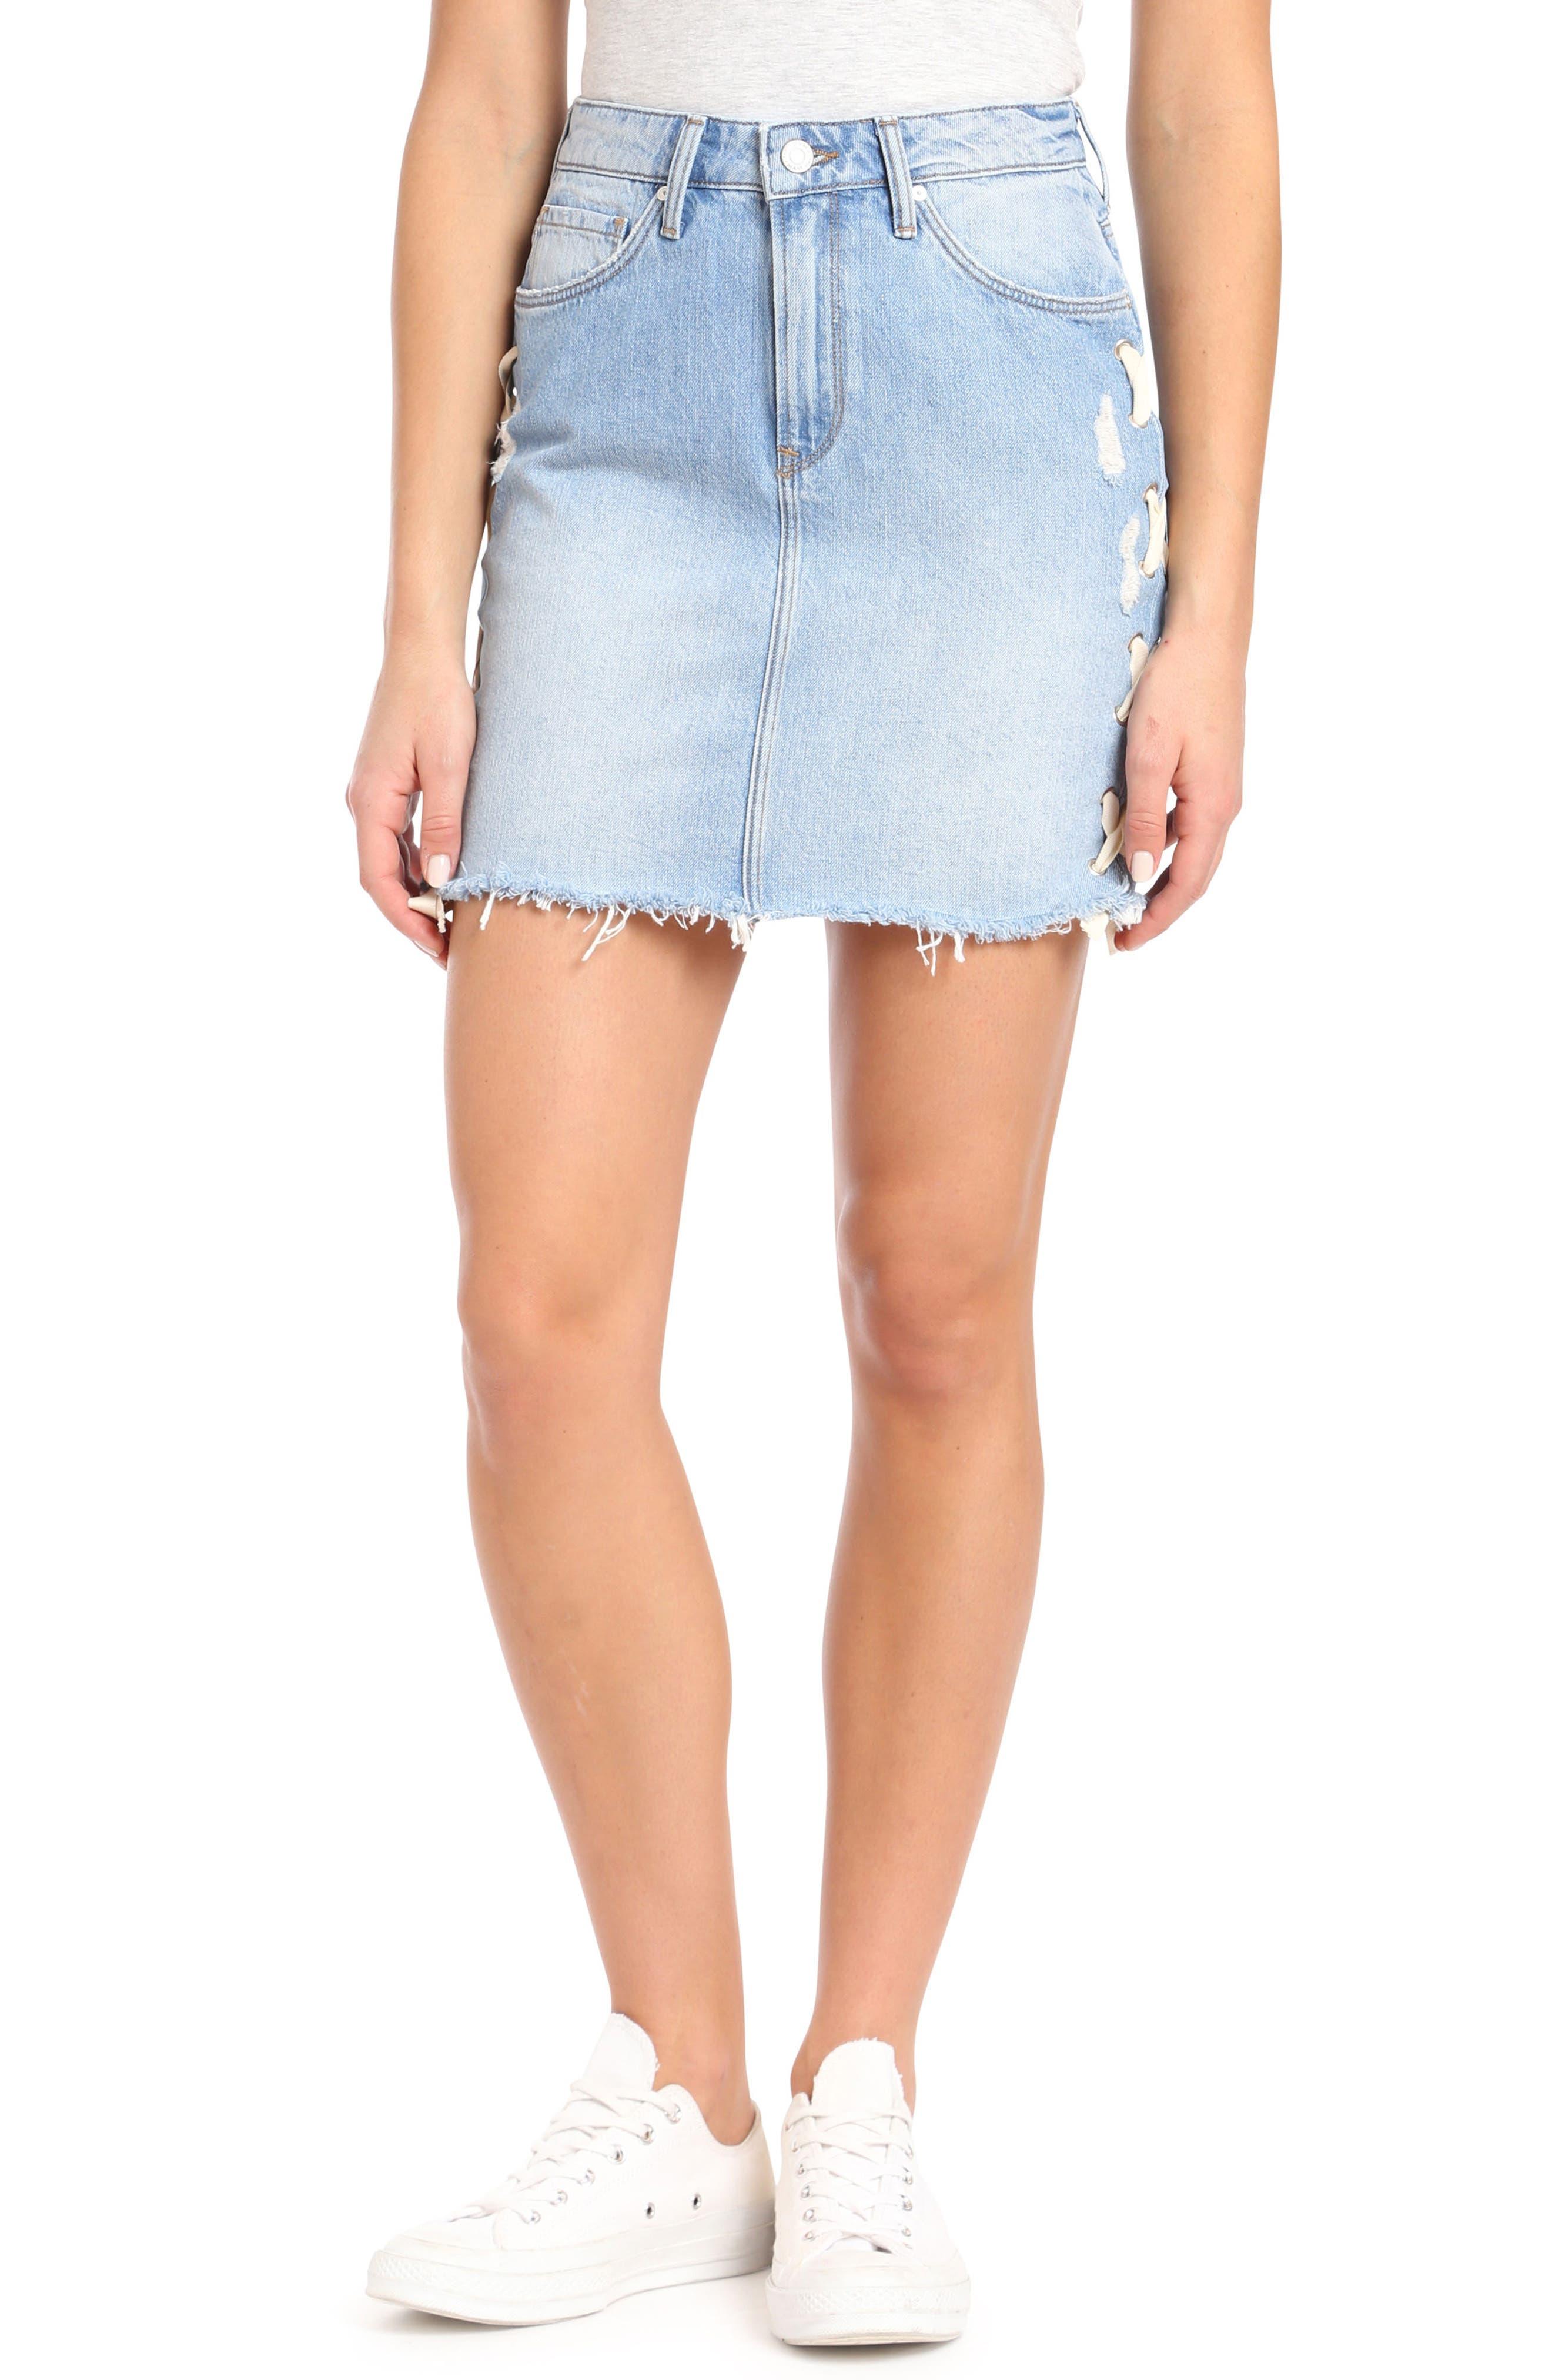 Mavi Jeans Frida Lace-Up Denim Skirt